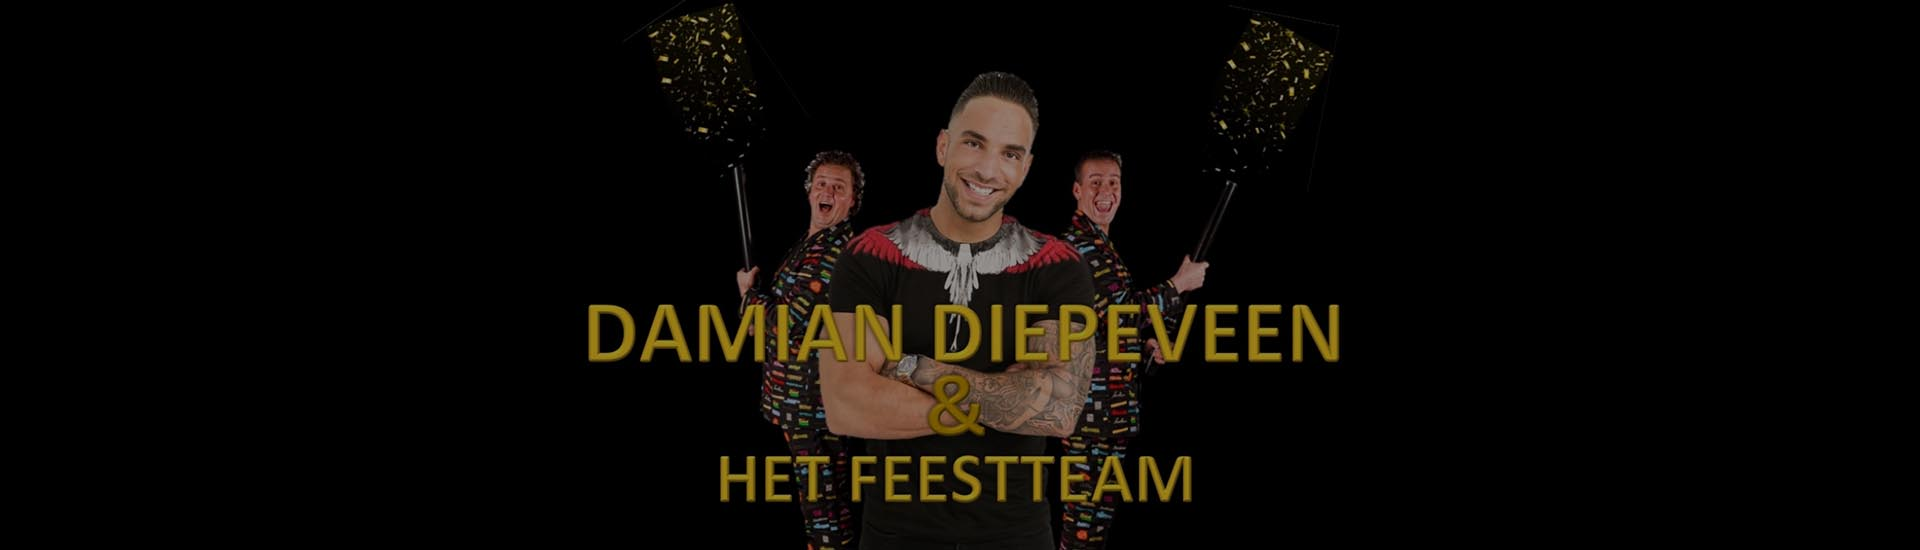 Damian Diepeveen & Het Feestteam @ Sense